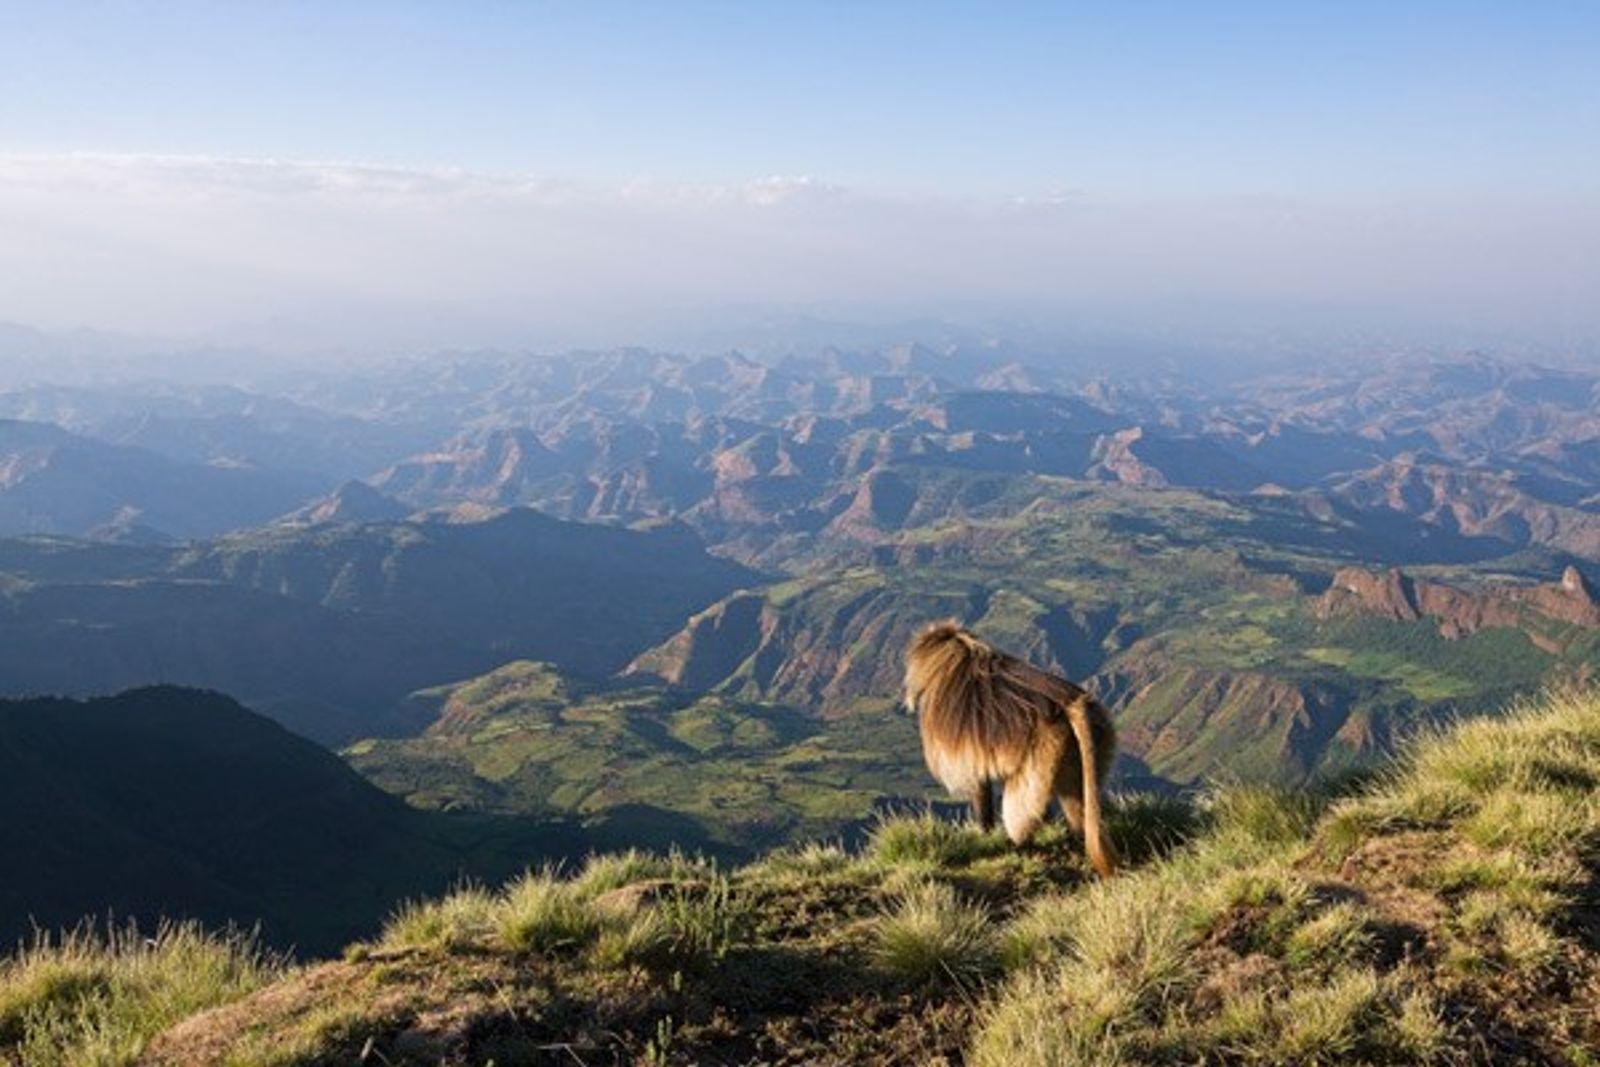 Ethiopia: Trekking the Simien Mountains